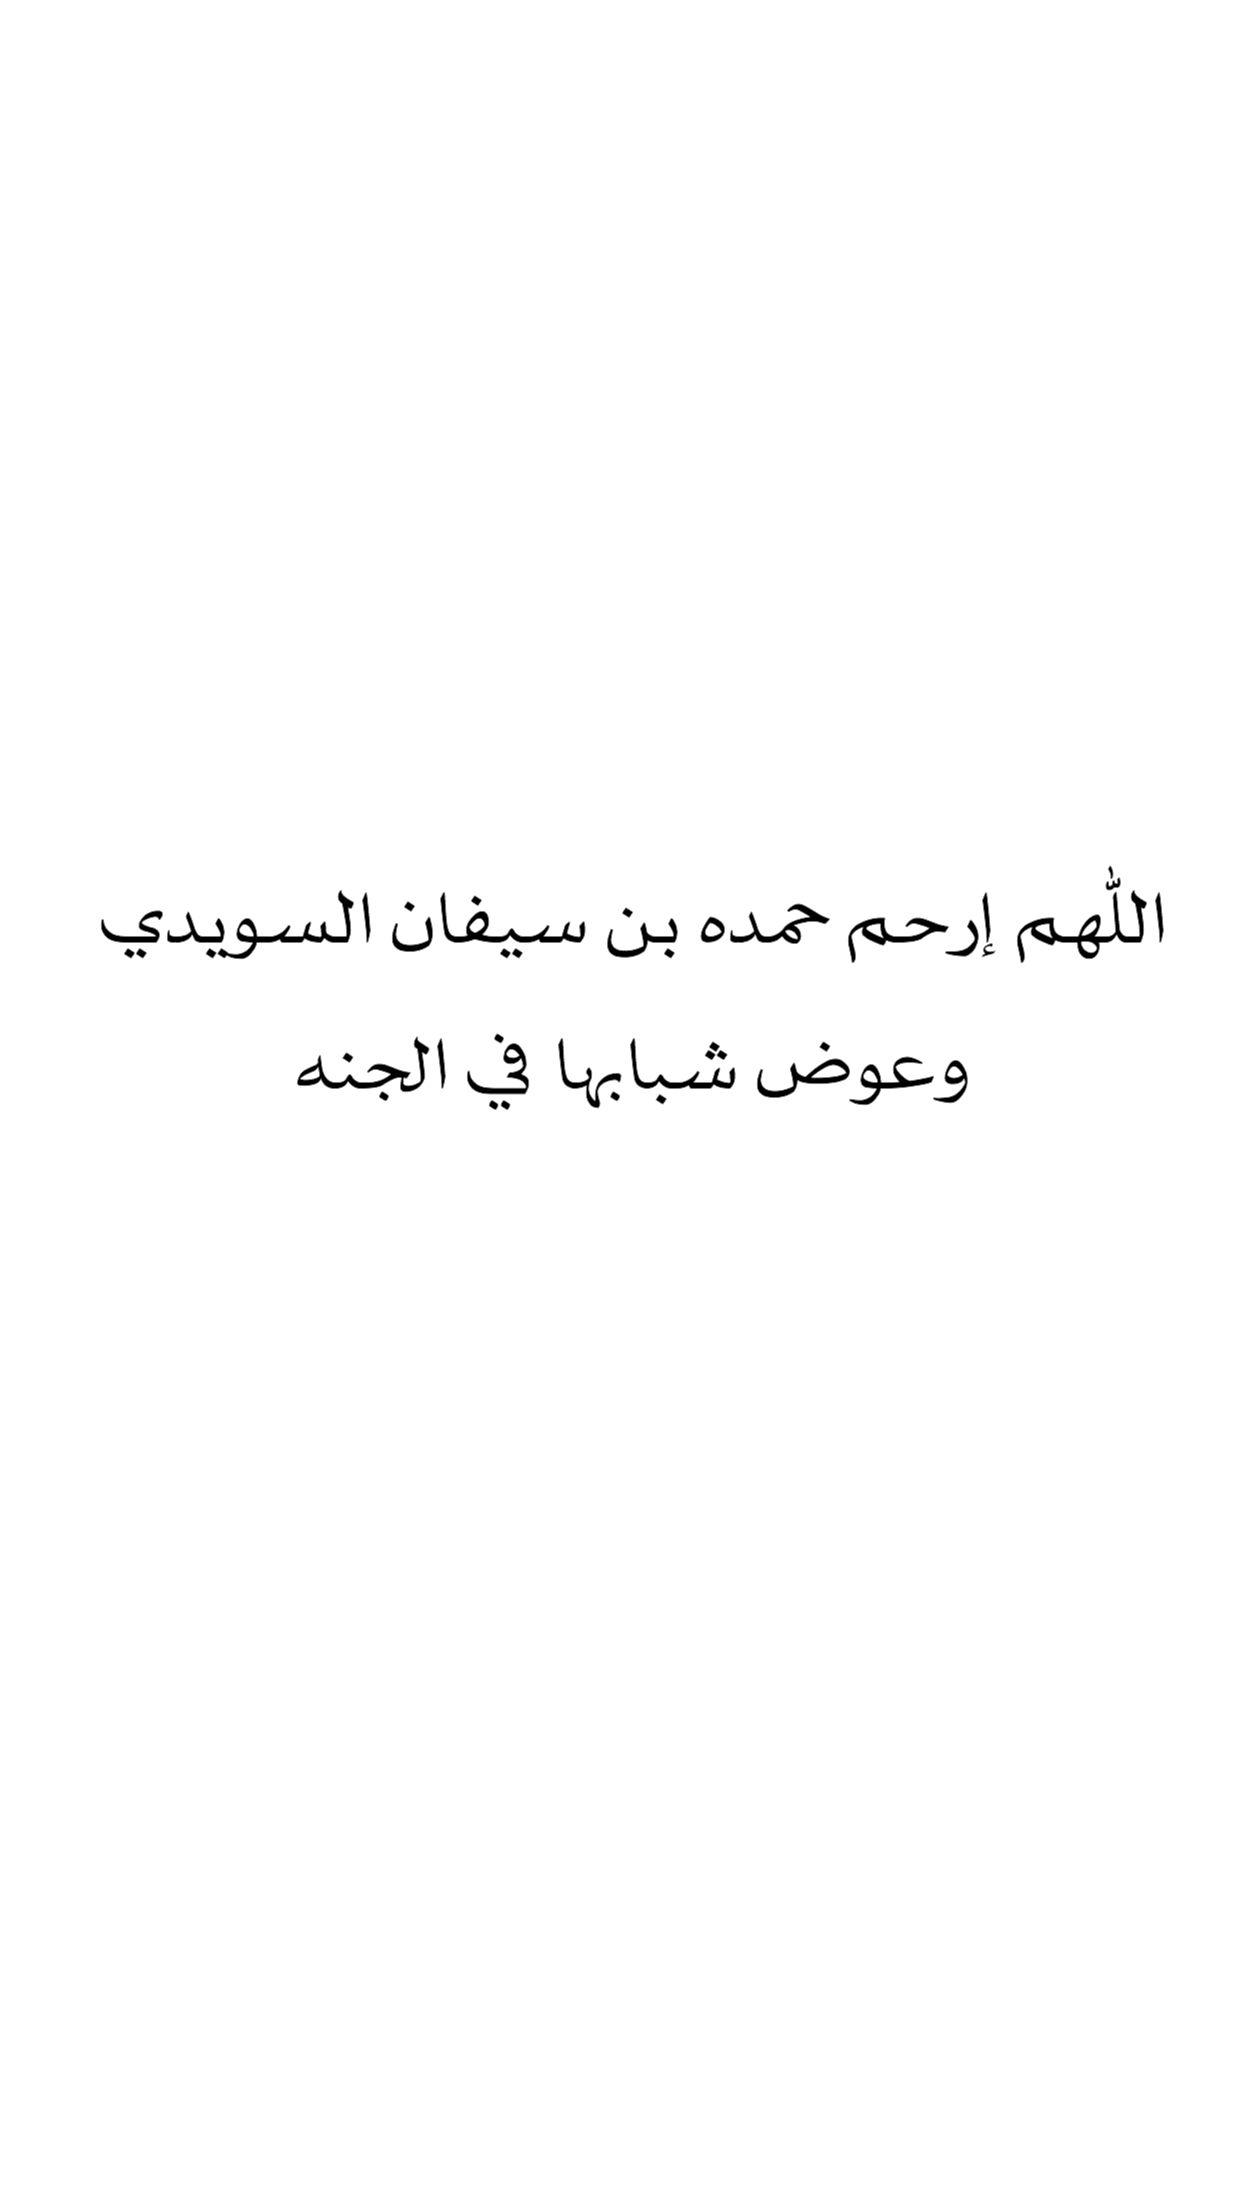 اللهم ارحم حمده بن سيفان السويدي واغفر لها وثبتها عند السؤال Math Arabic Calligraphy Calligraphy